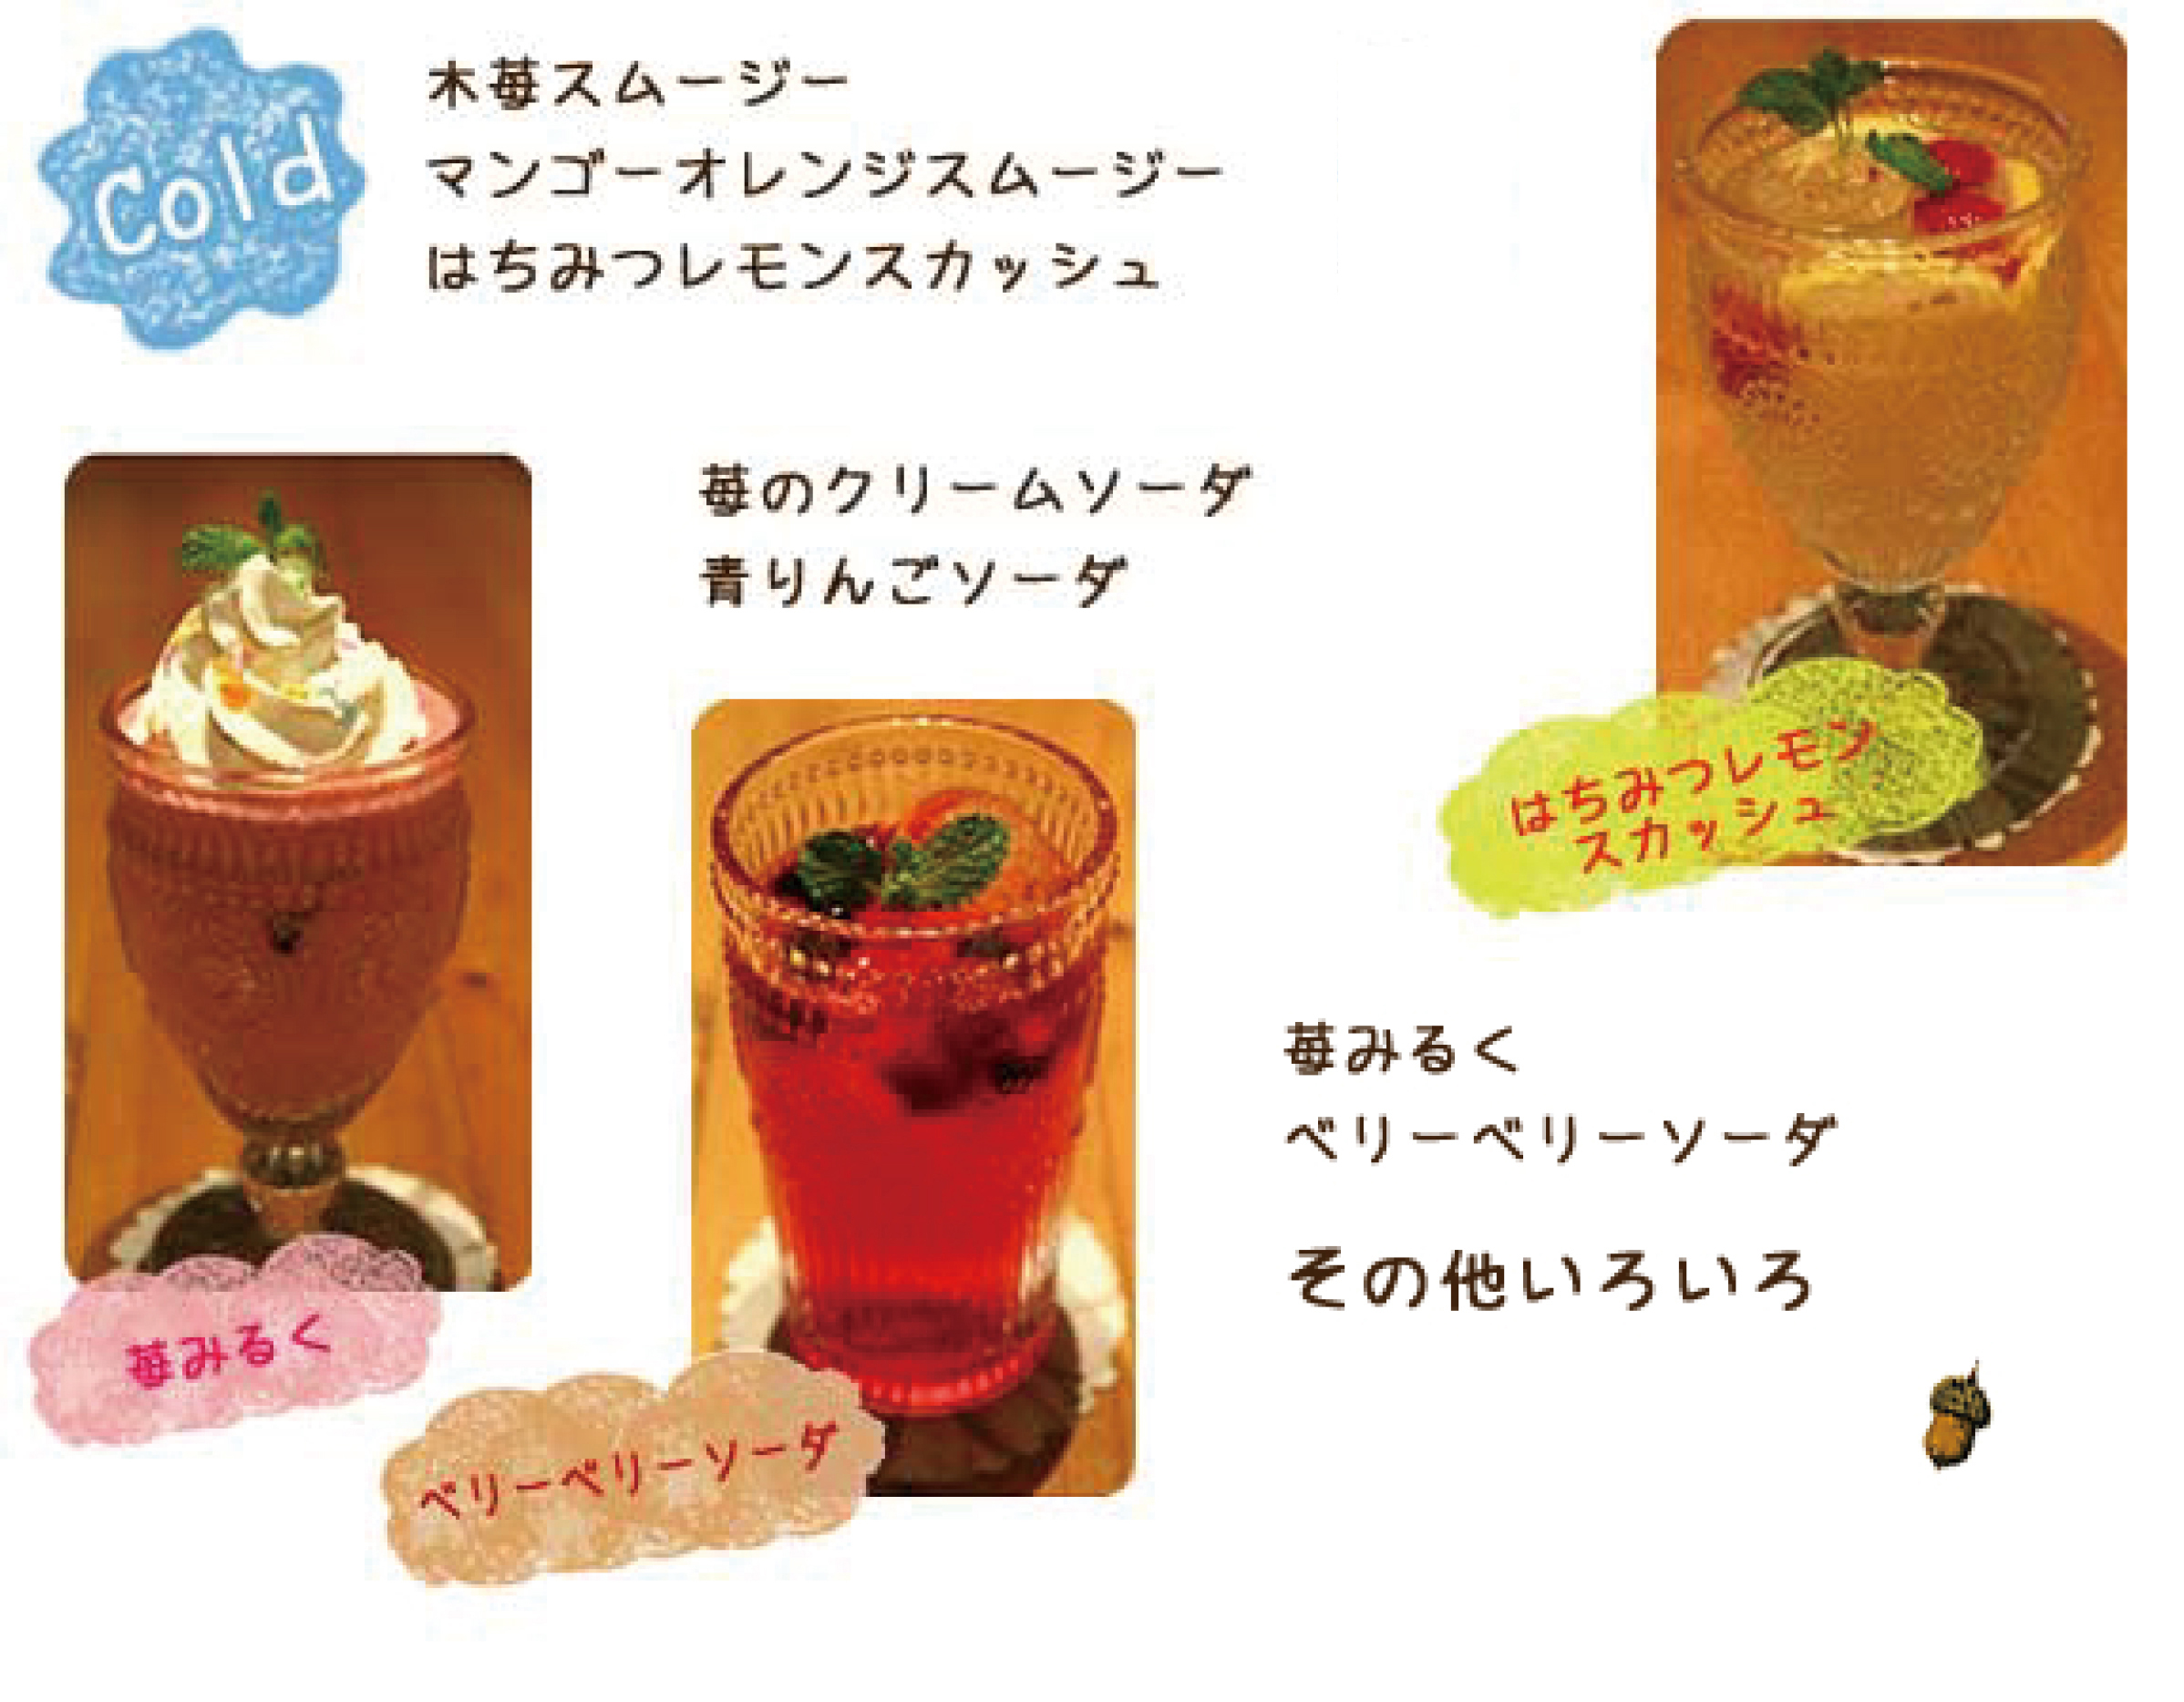 <COLD>木苺スムージー ¥620 マンゴーオレンジスムージー ¥580 はちみつレモンスカッシュ ¥580 苺のクリームソーダ ¥580 青りんごソーダ ¥520 苺みるく ¥580 ベリーベリーソーダ ¥550 その他いろいろ